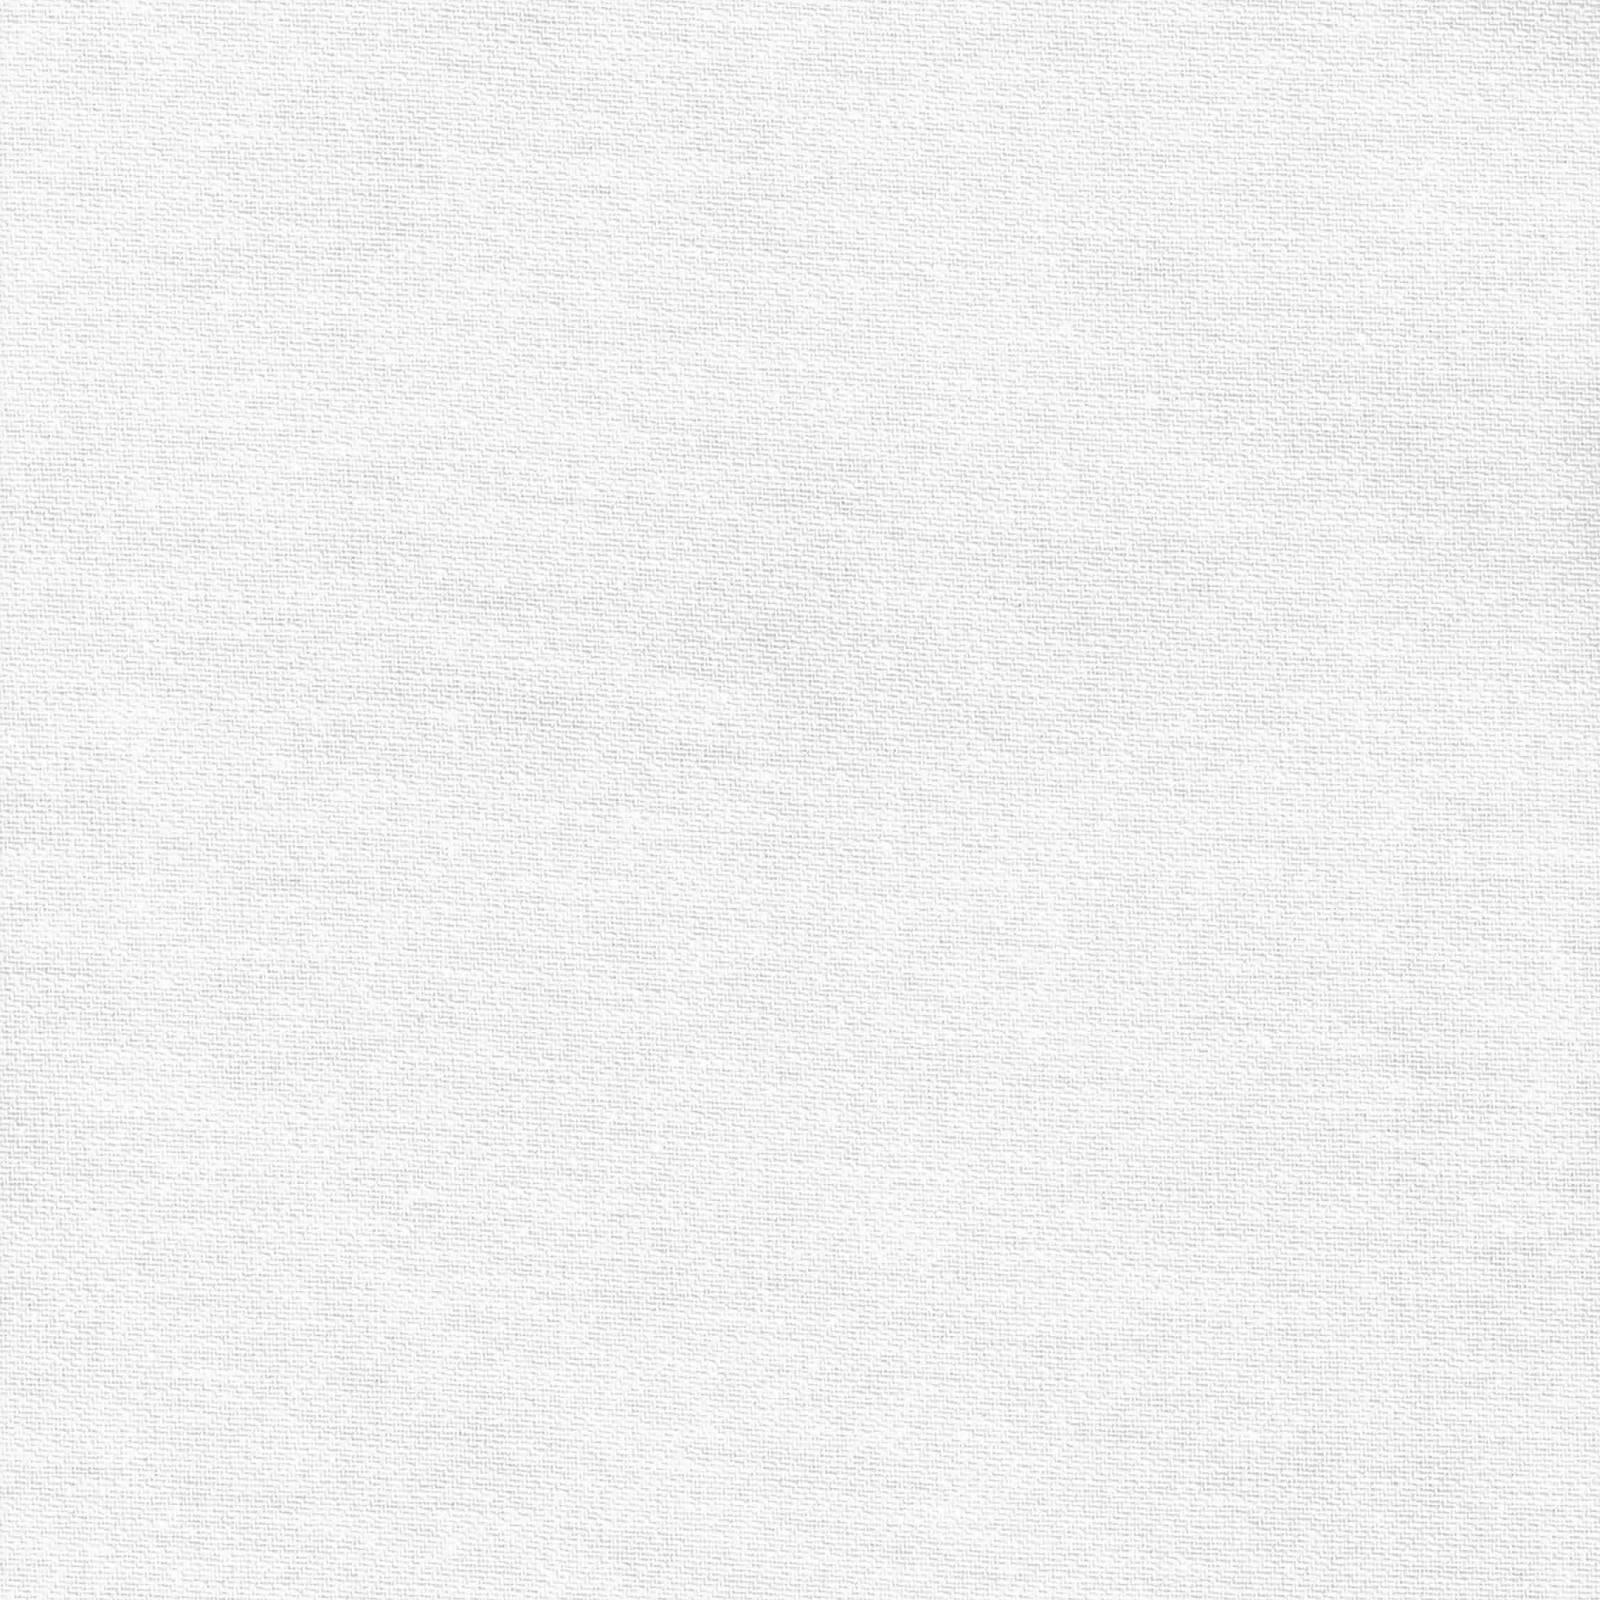 Flanela Lisa Cor Branca Ref. 32872 - Armarinhos Nodari